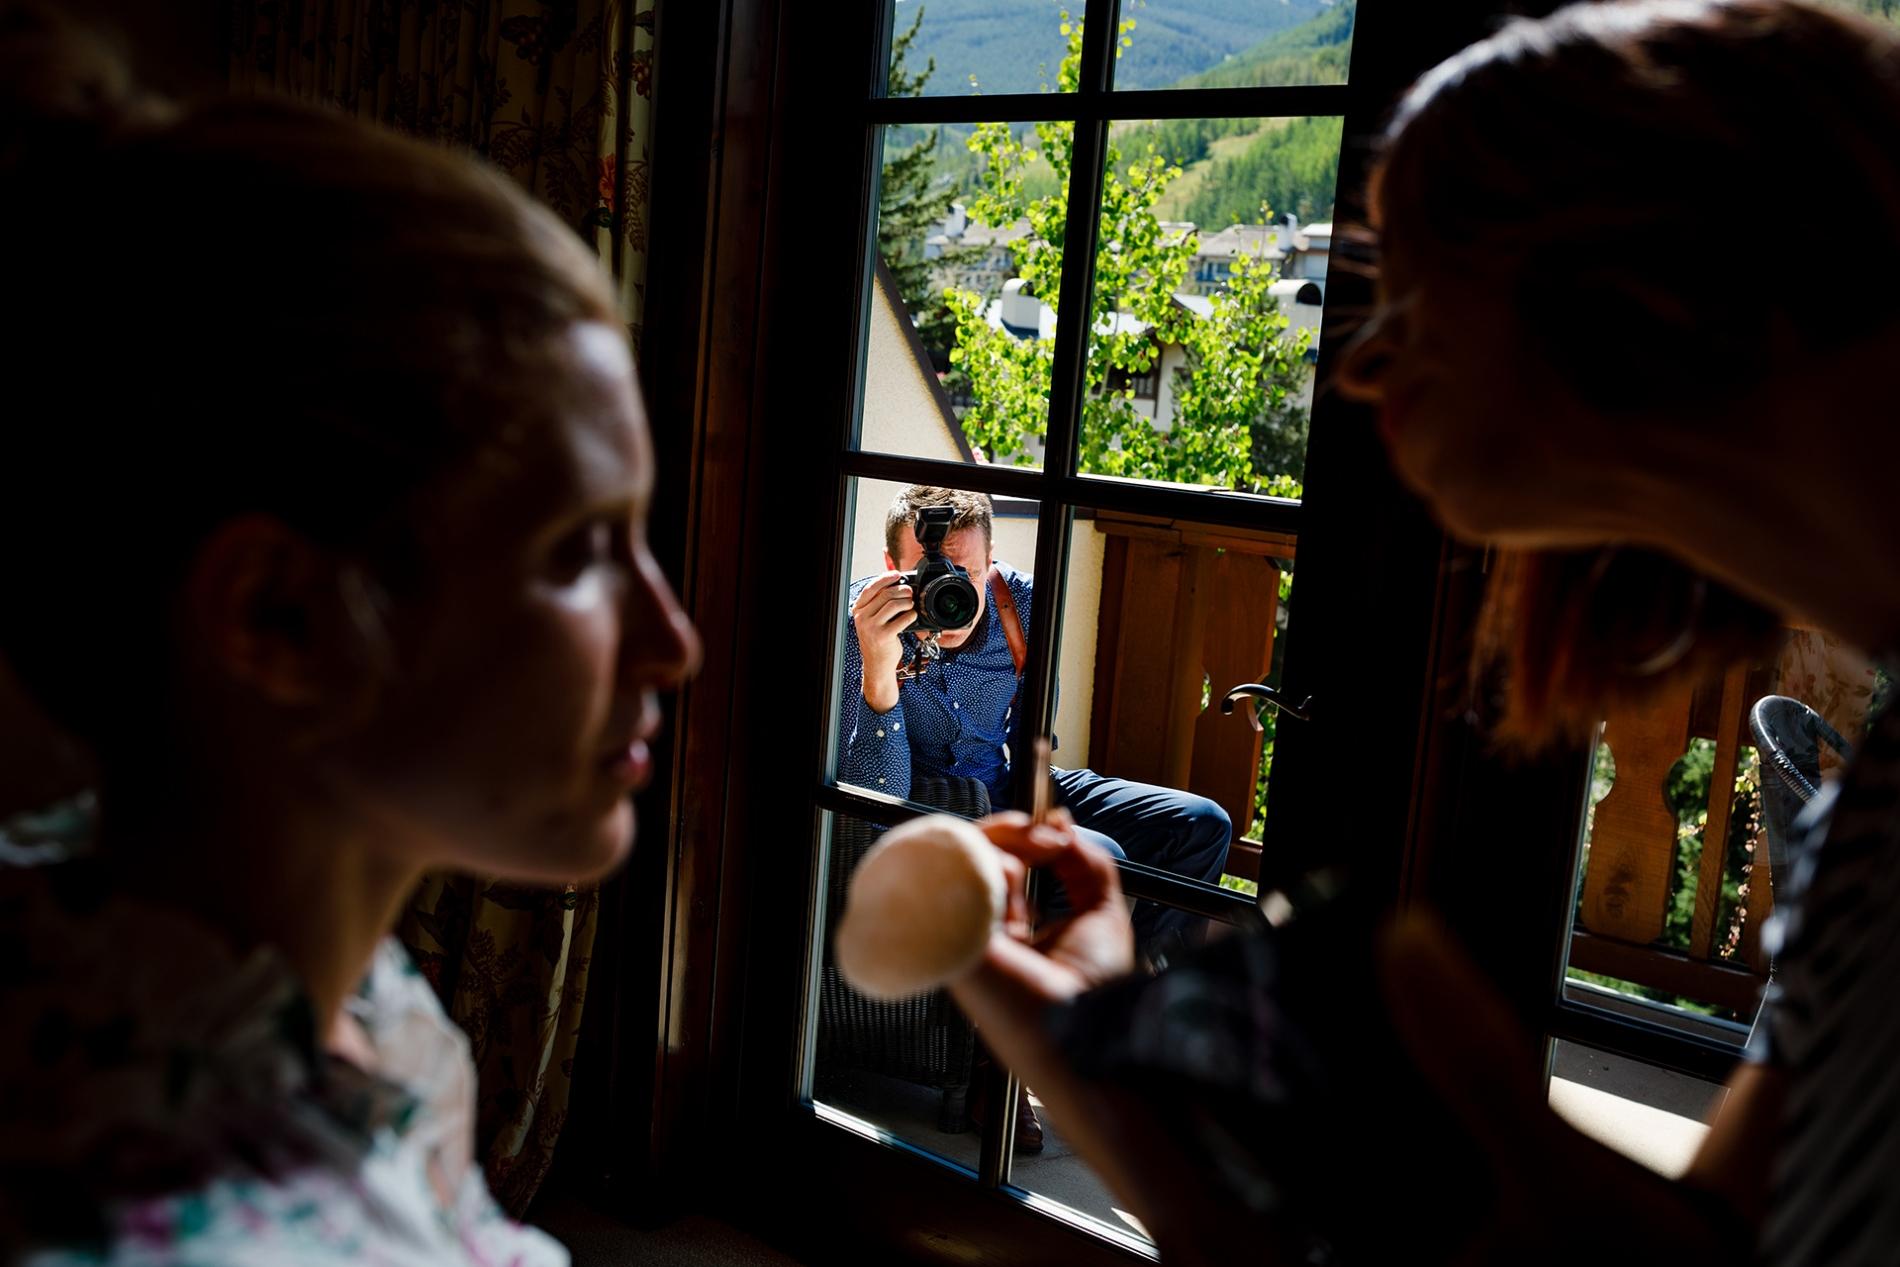 Hochzeitsfotograf Silverthorne Colorado, der Bilder der Braut durch ein Fenster schießt.